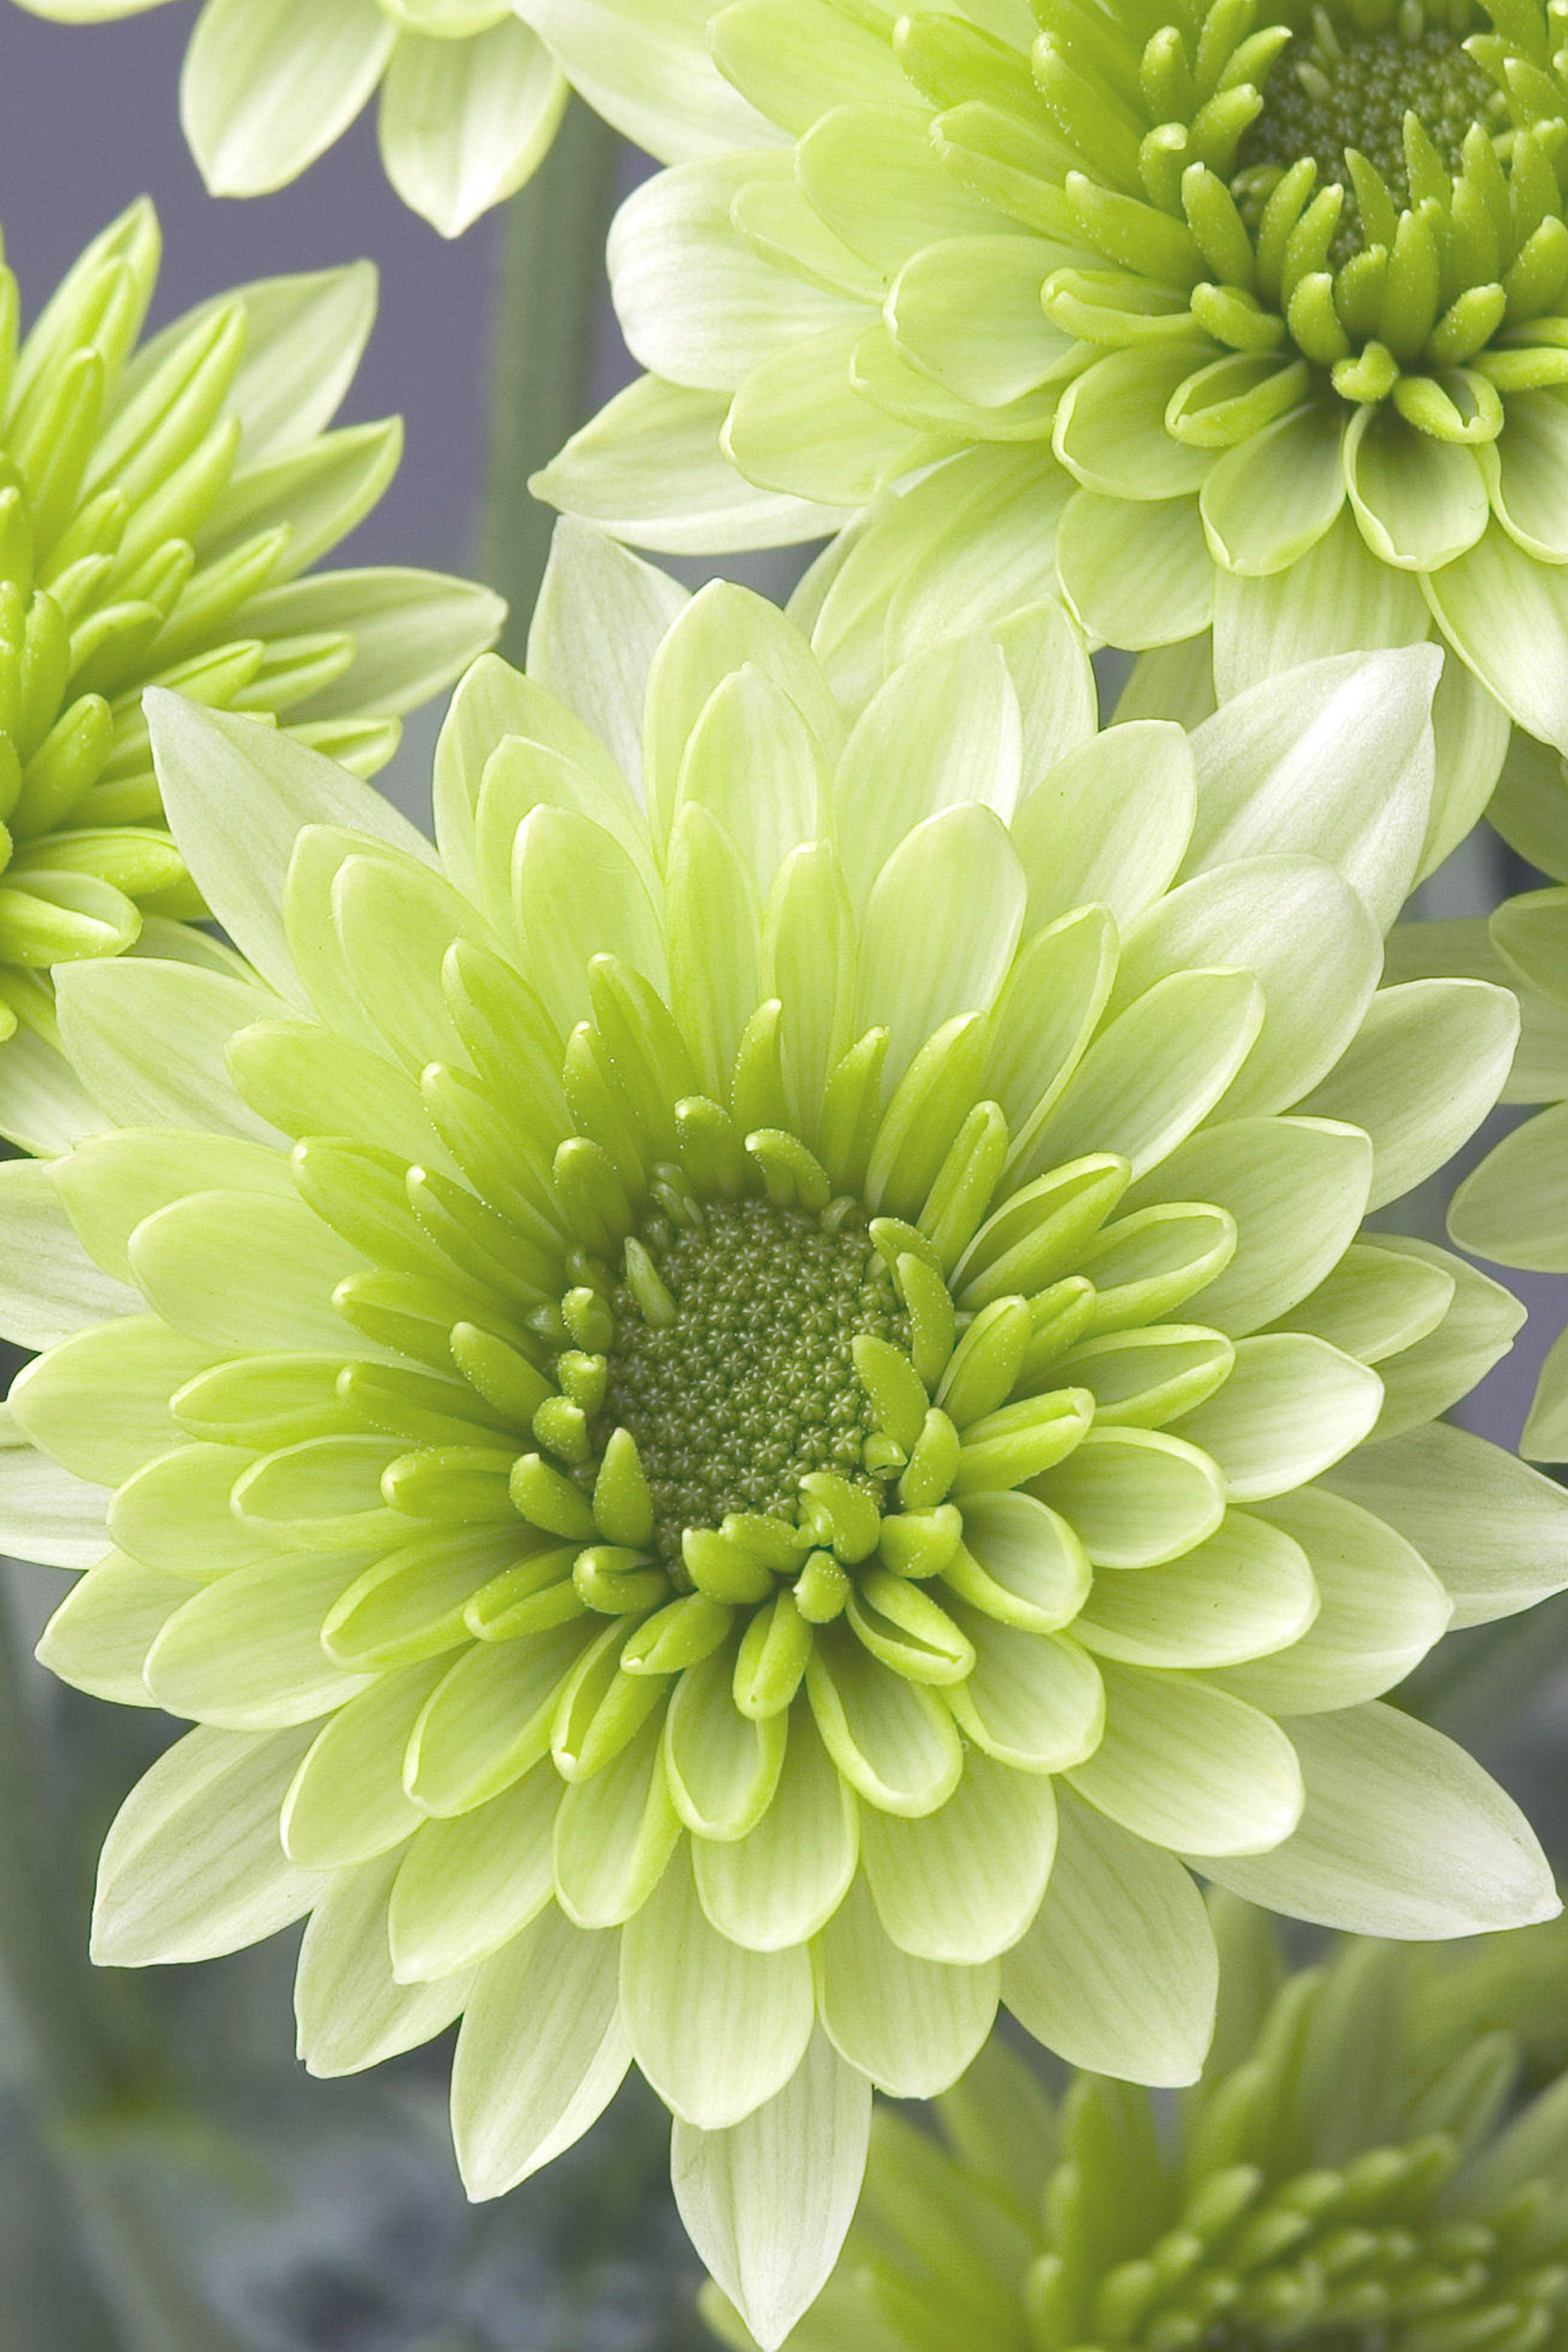 Chrysanthemum flower &Chrysanthème